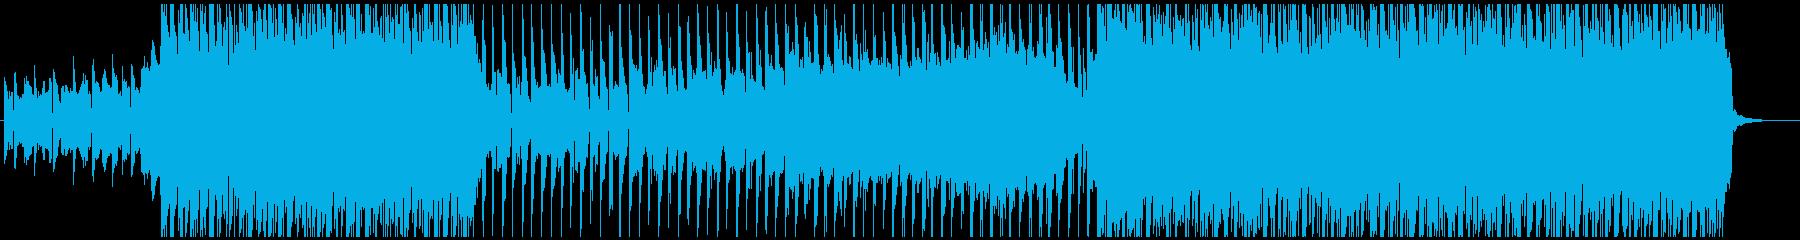 ノリノリのビートとエレクトロなシンセの曲の再生済みの波形